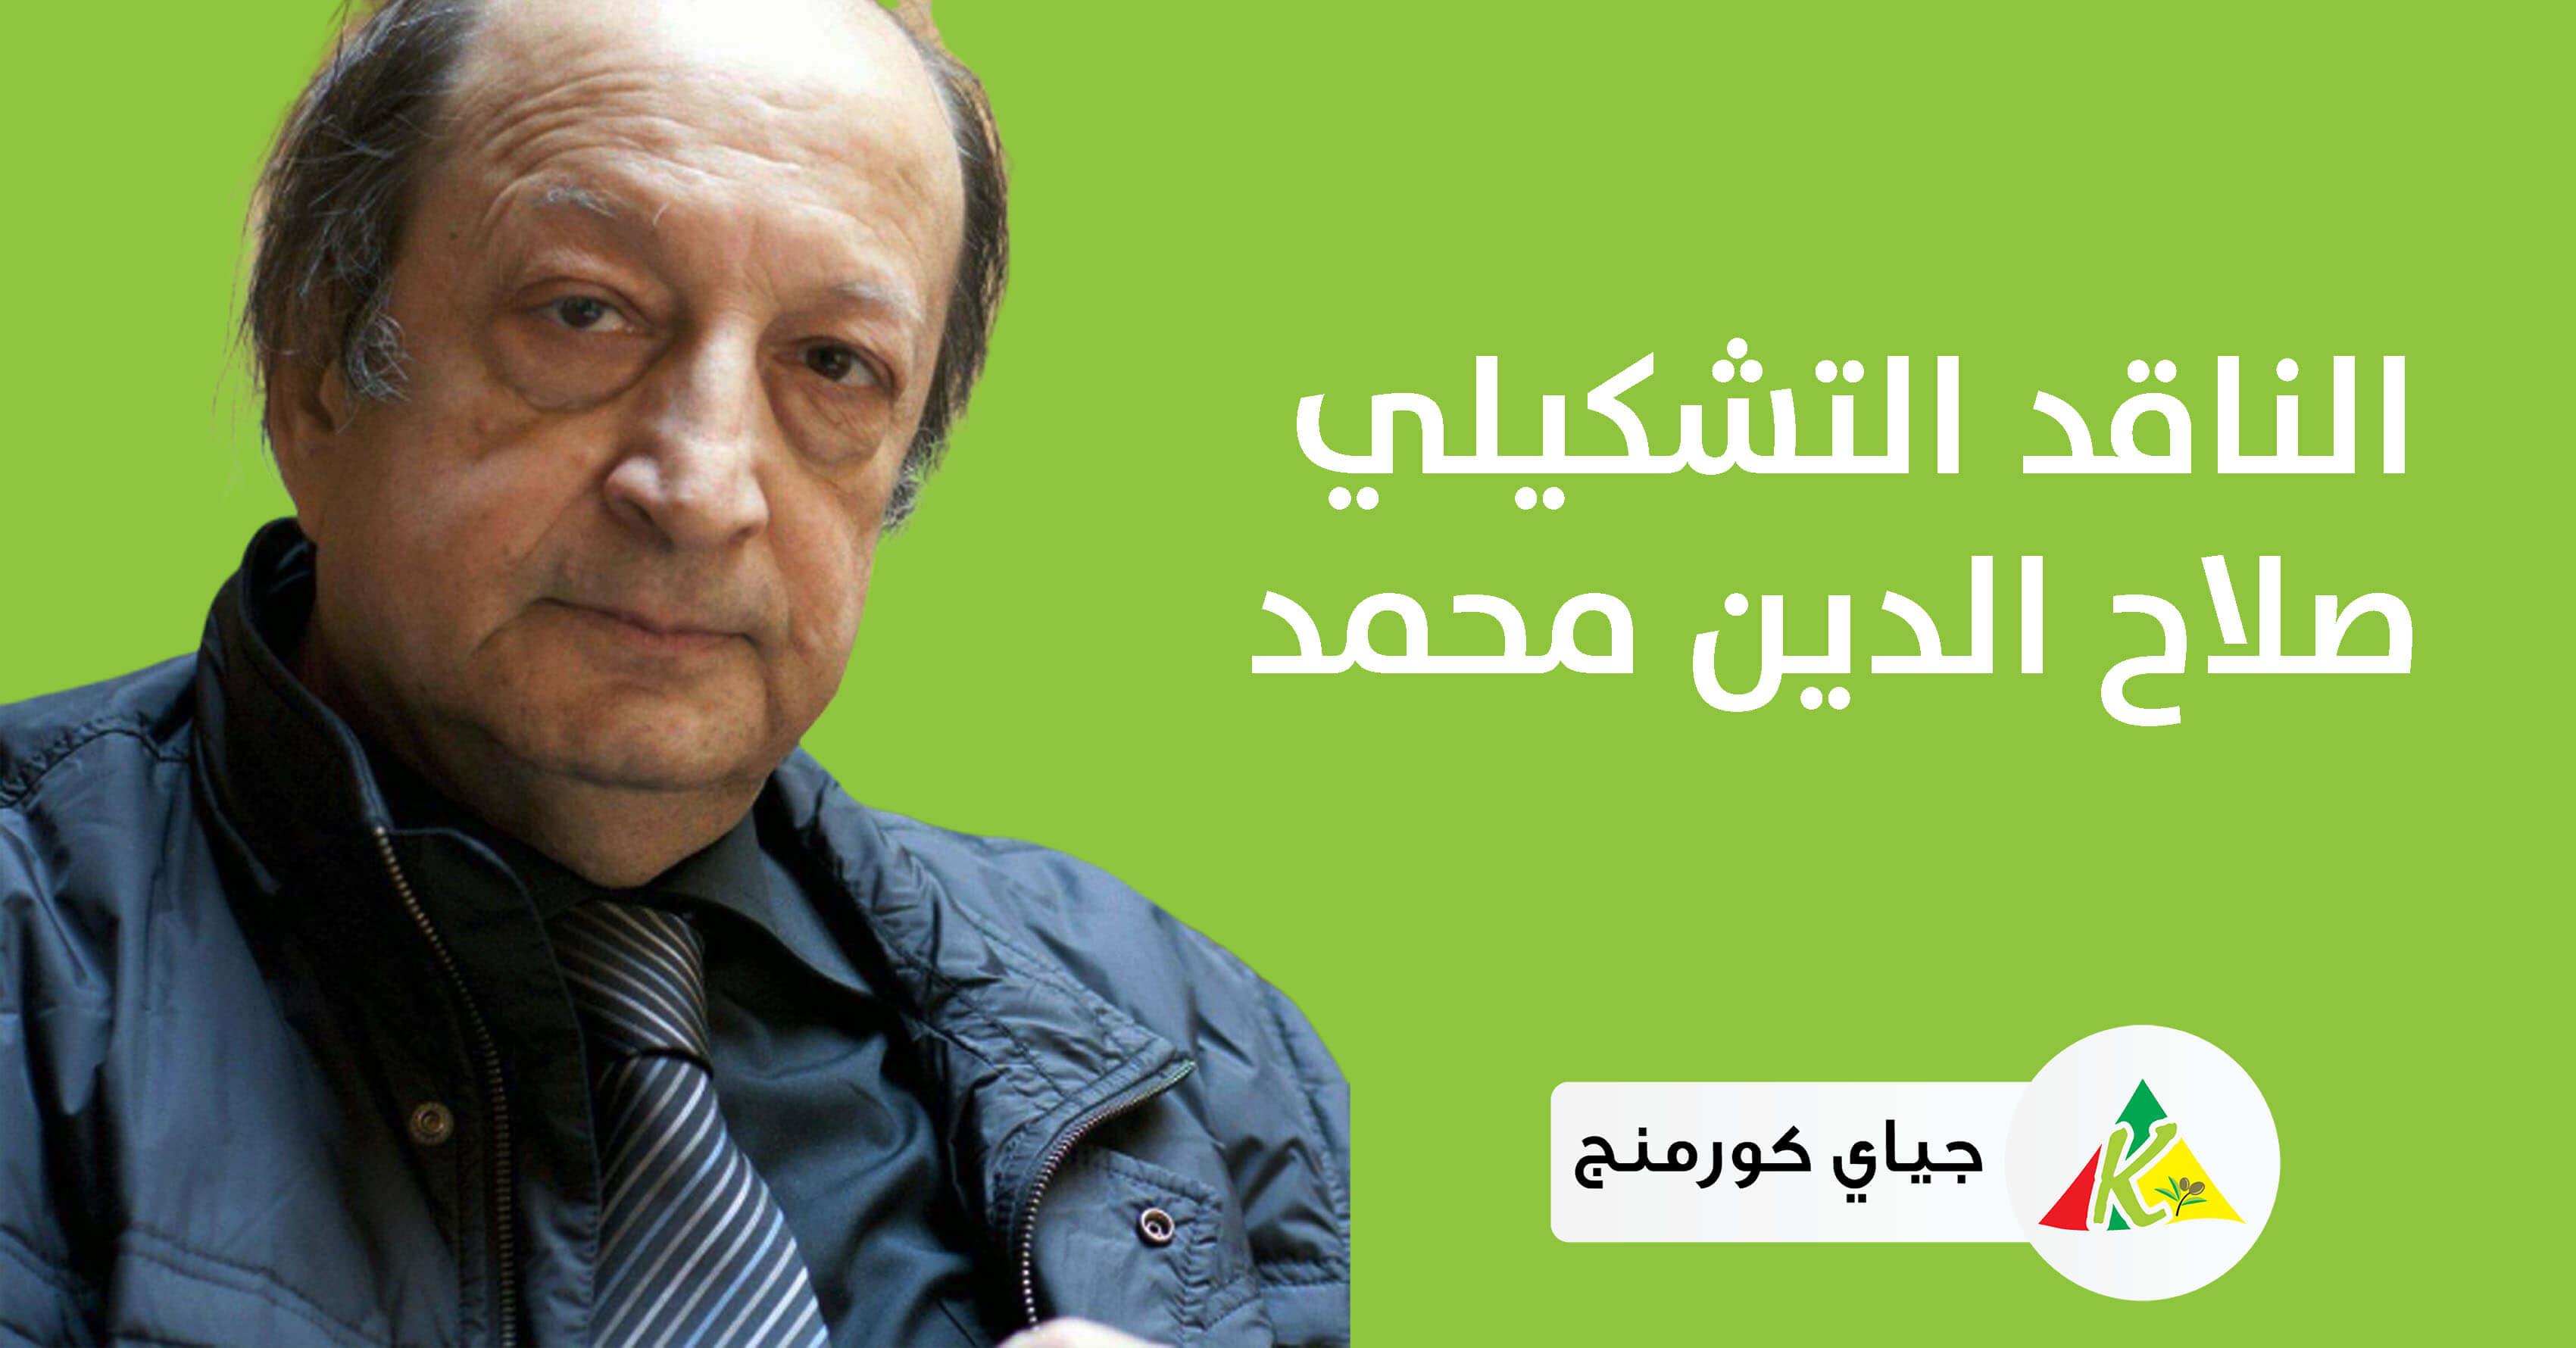 صورة للناقد التشكيلي صلاح الدين محمد